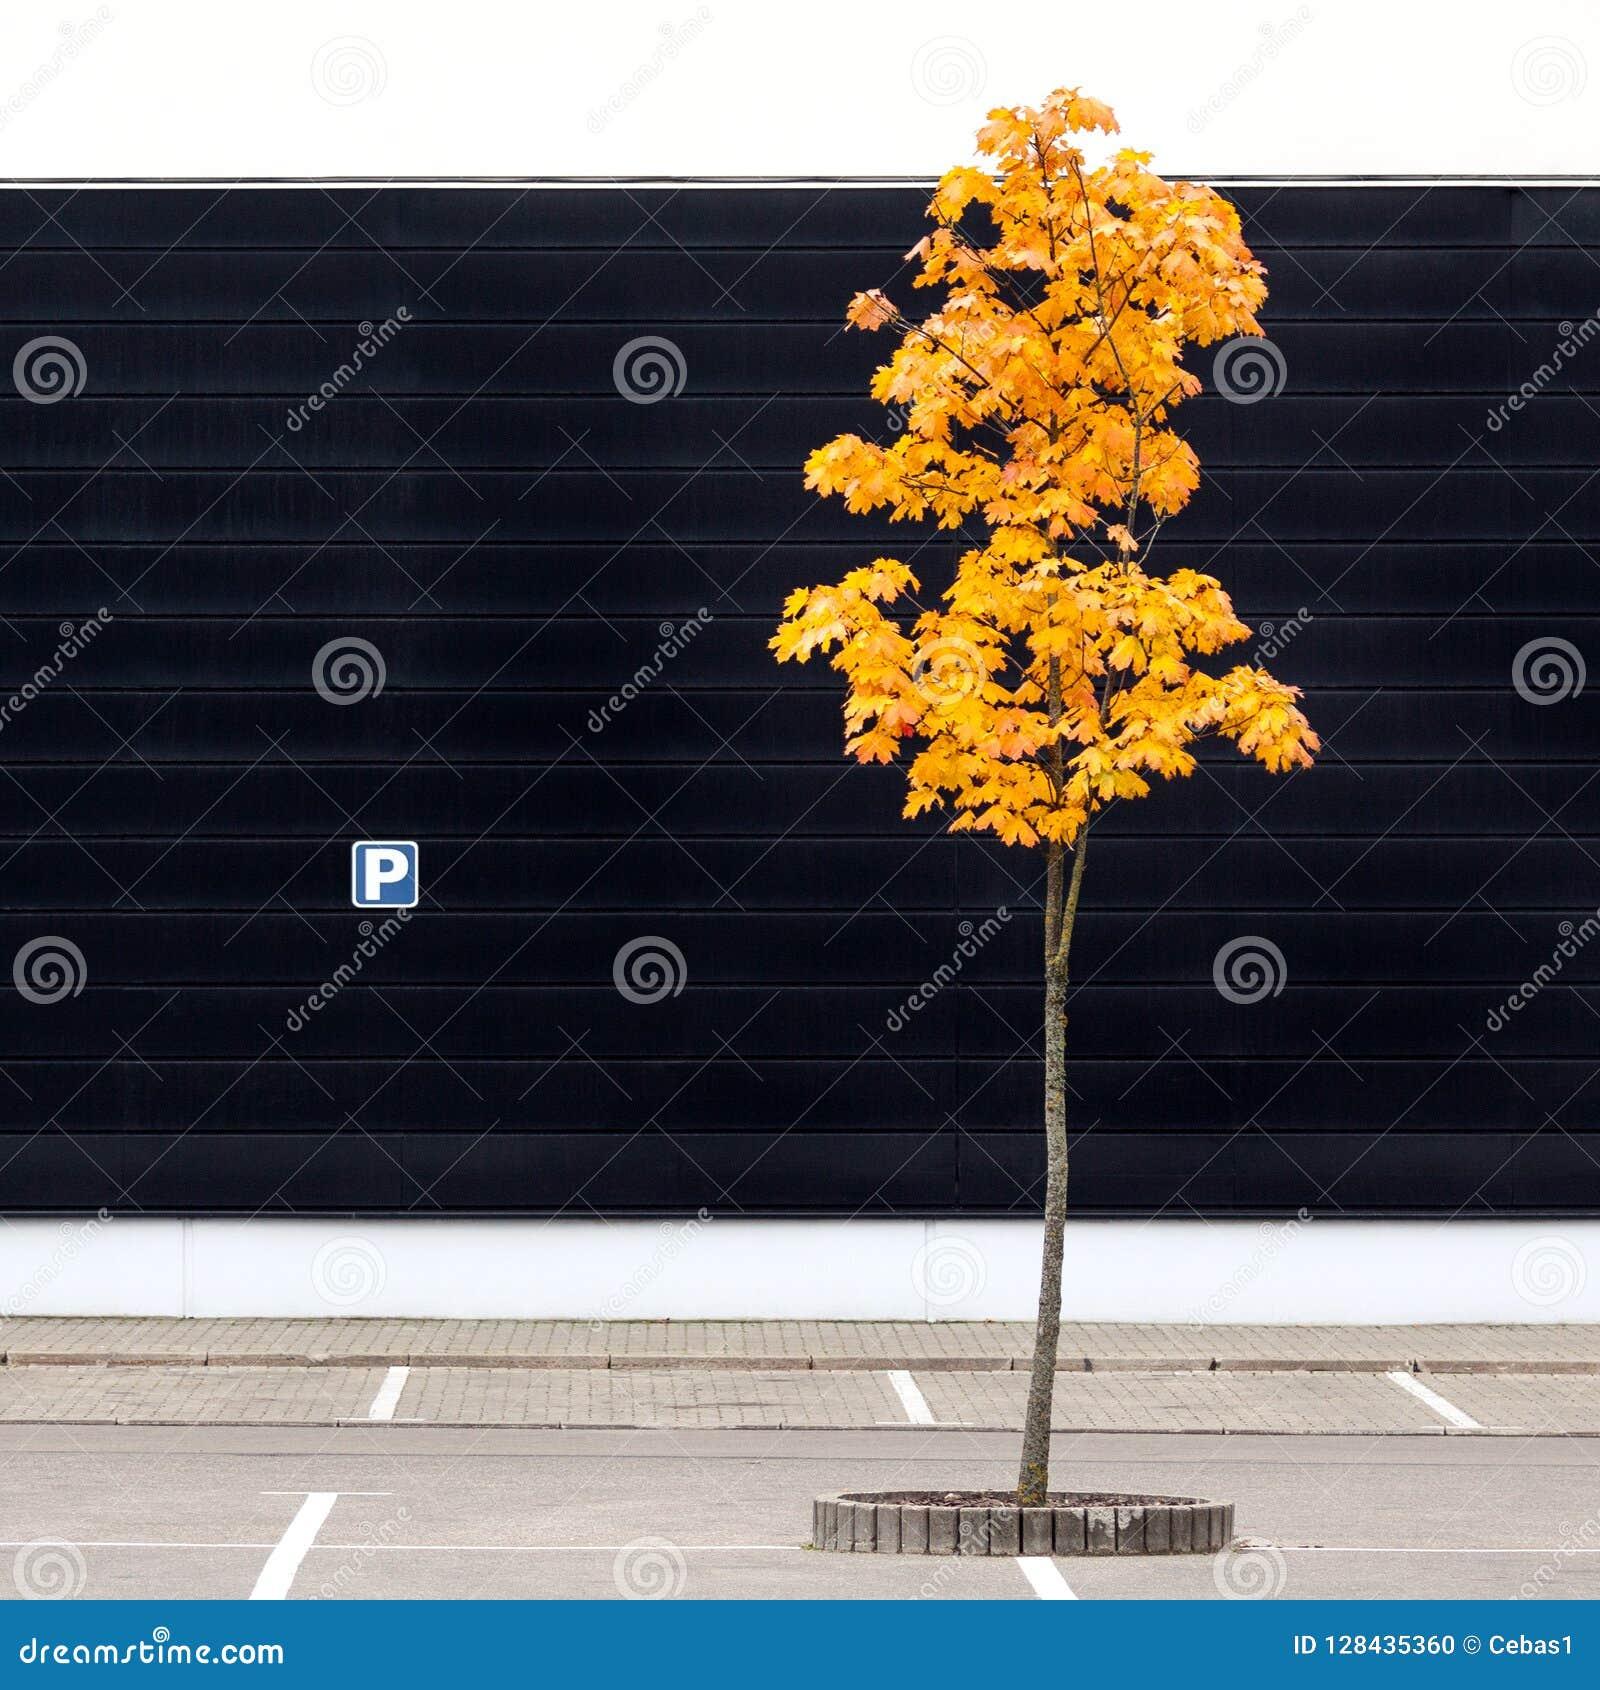 Leerer Parkplatz mit einsamem jungem Ahornbaum im Herbst